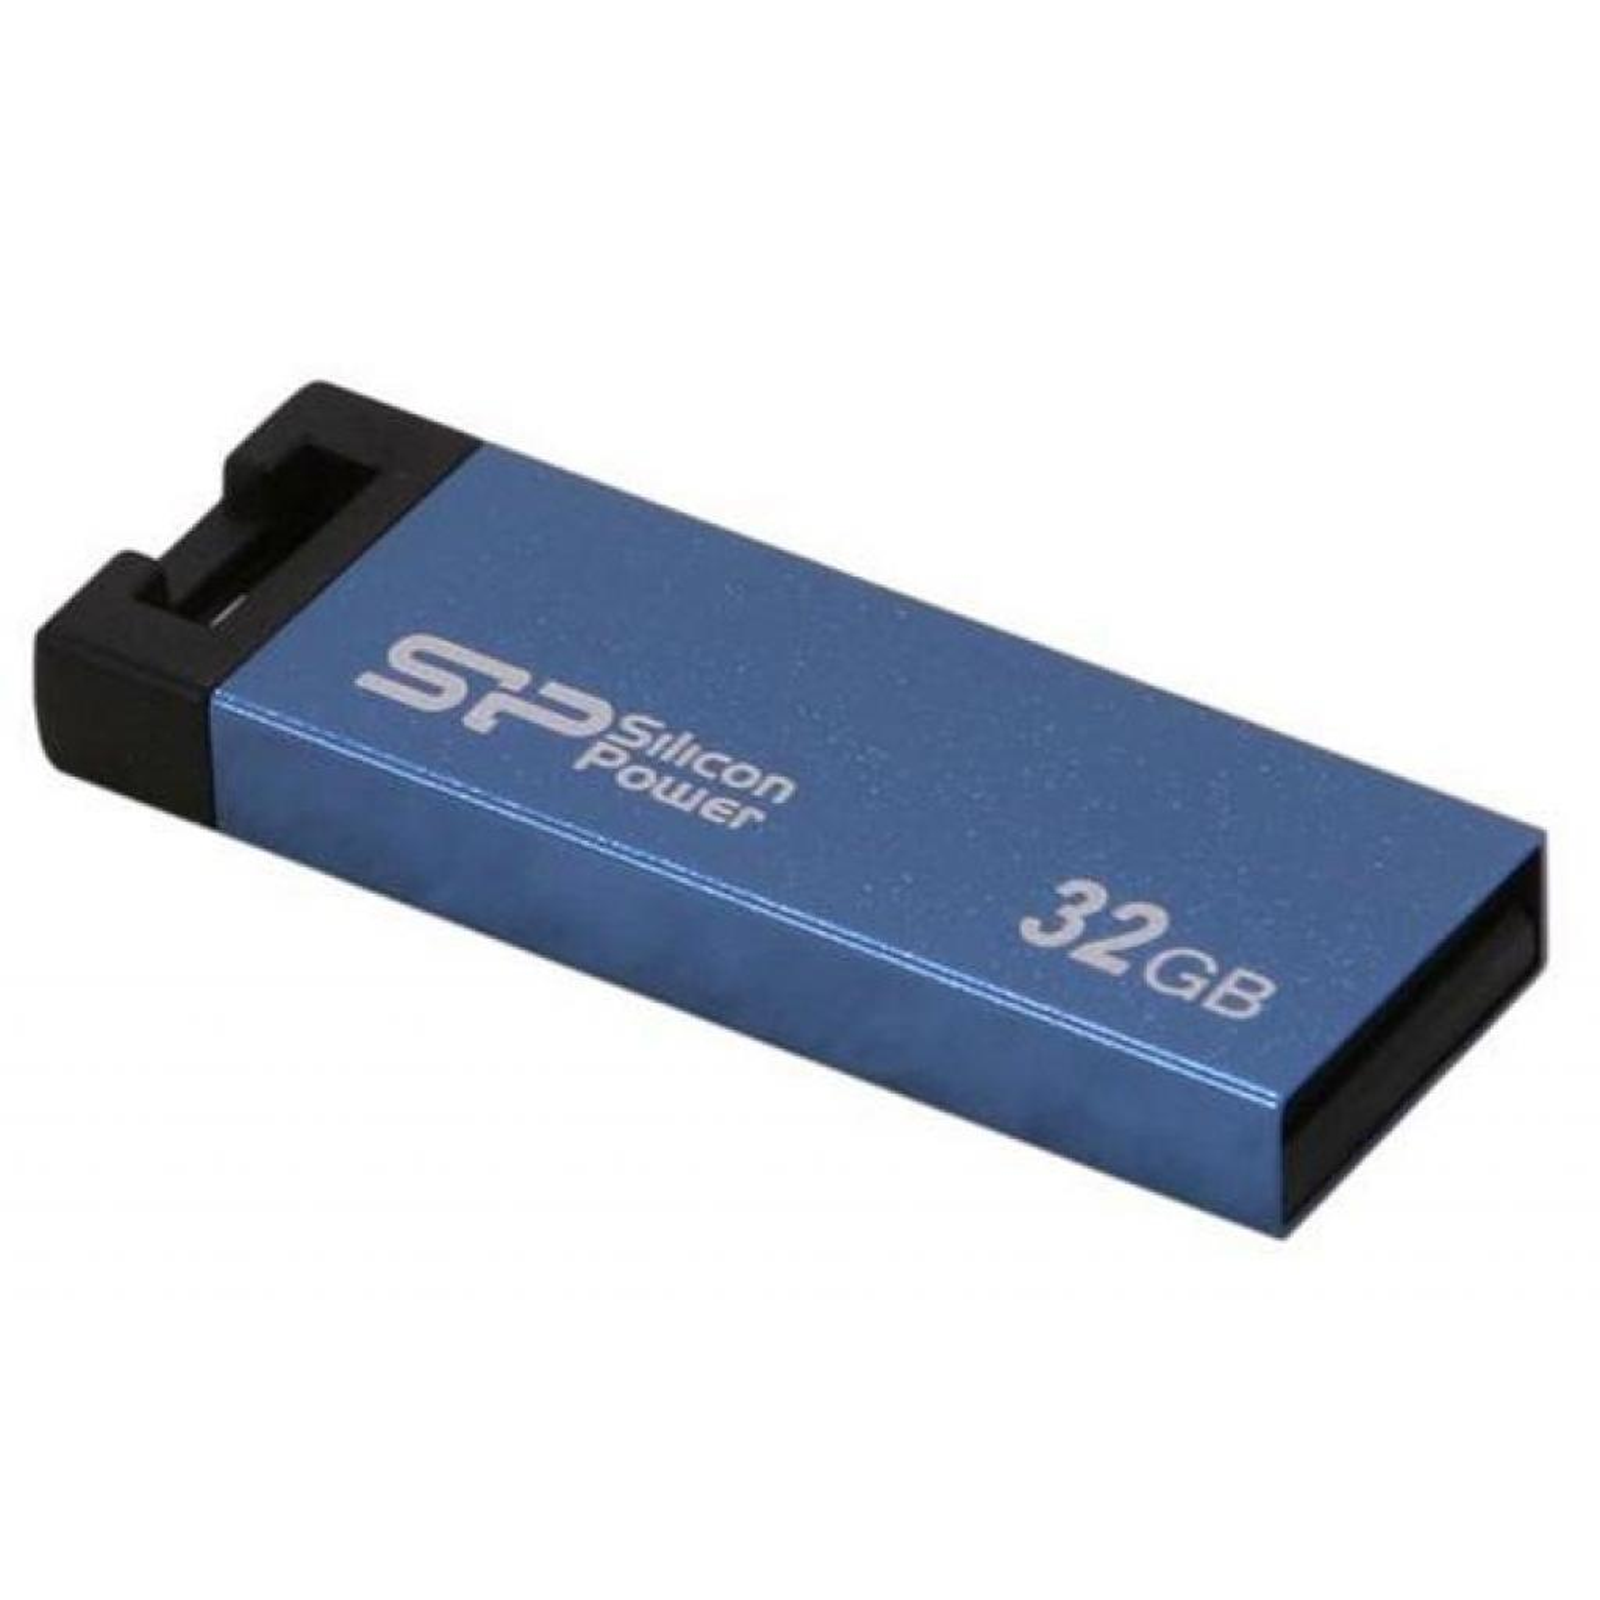 USB флеш накопитель Silicon Power 32GB 835 Blue USB 2.0 (SP032GBUF2835V1B) изображение 2